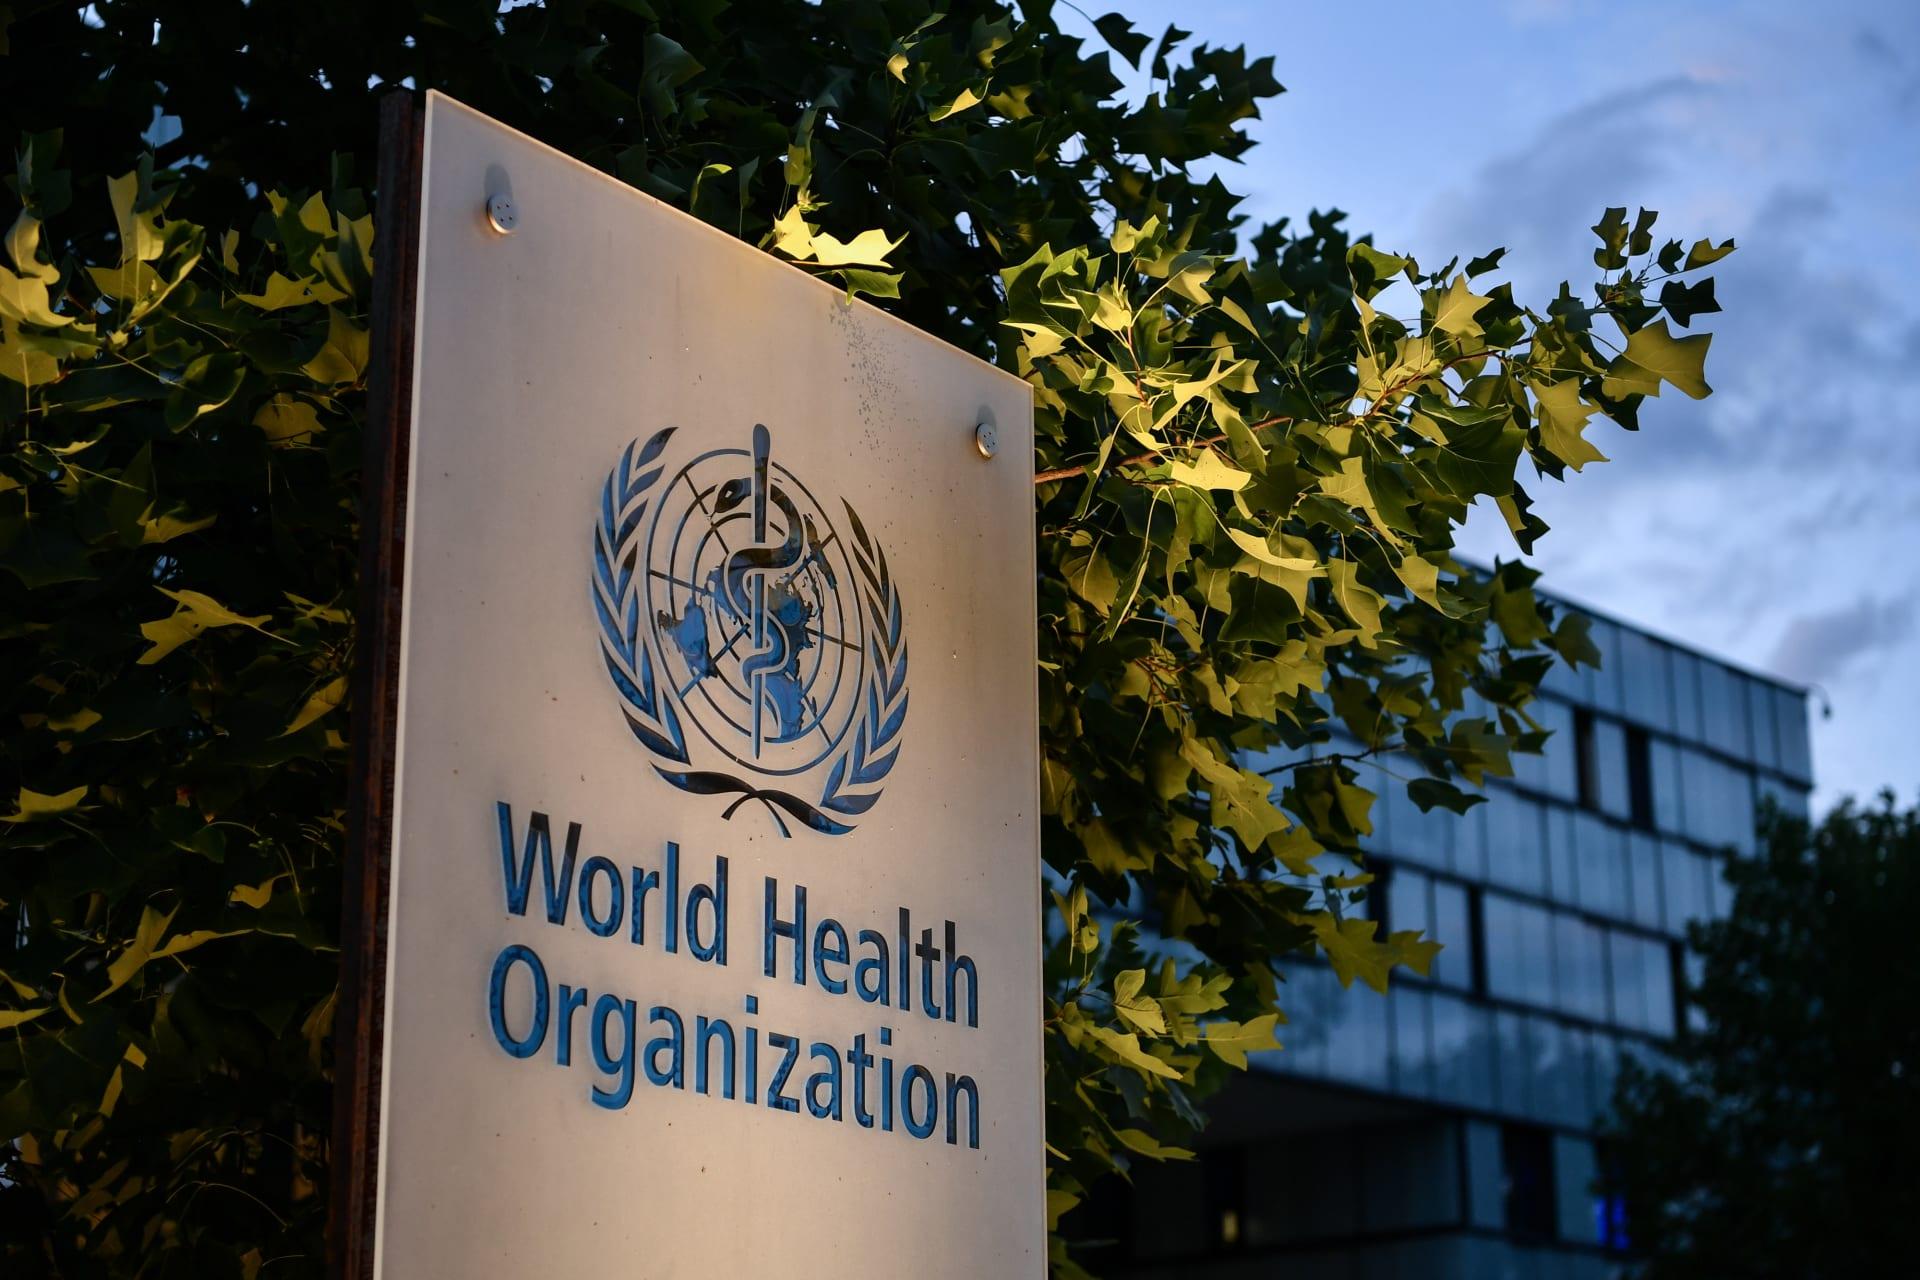 مقر منظمة الصحة العالمية في مدينة جنيف السويسرية